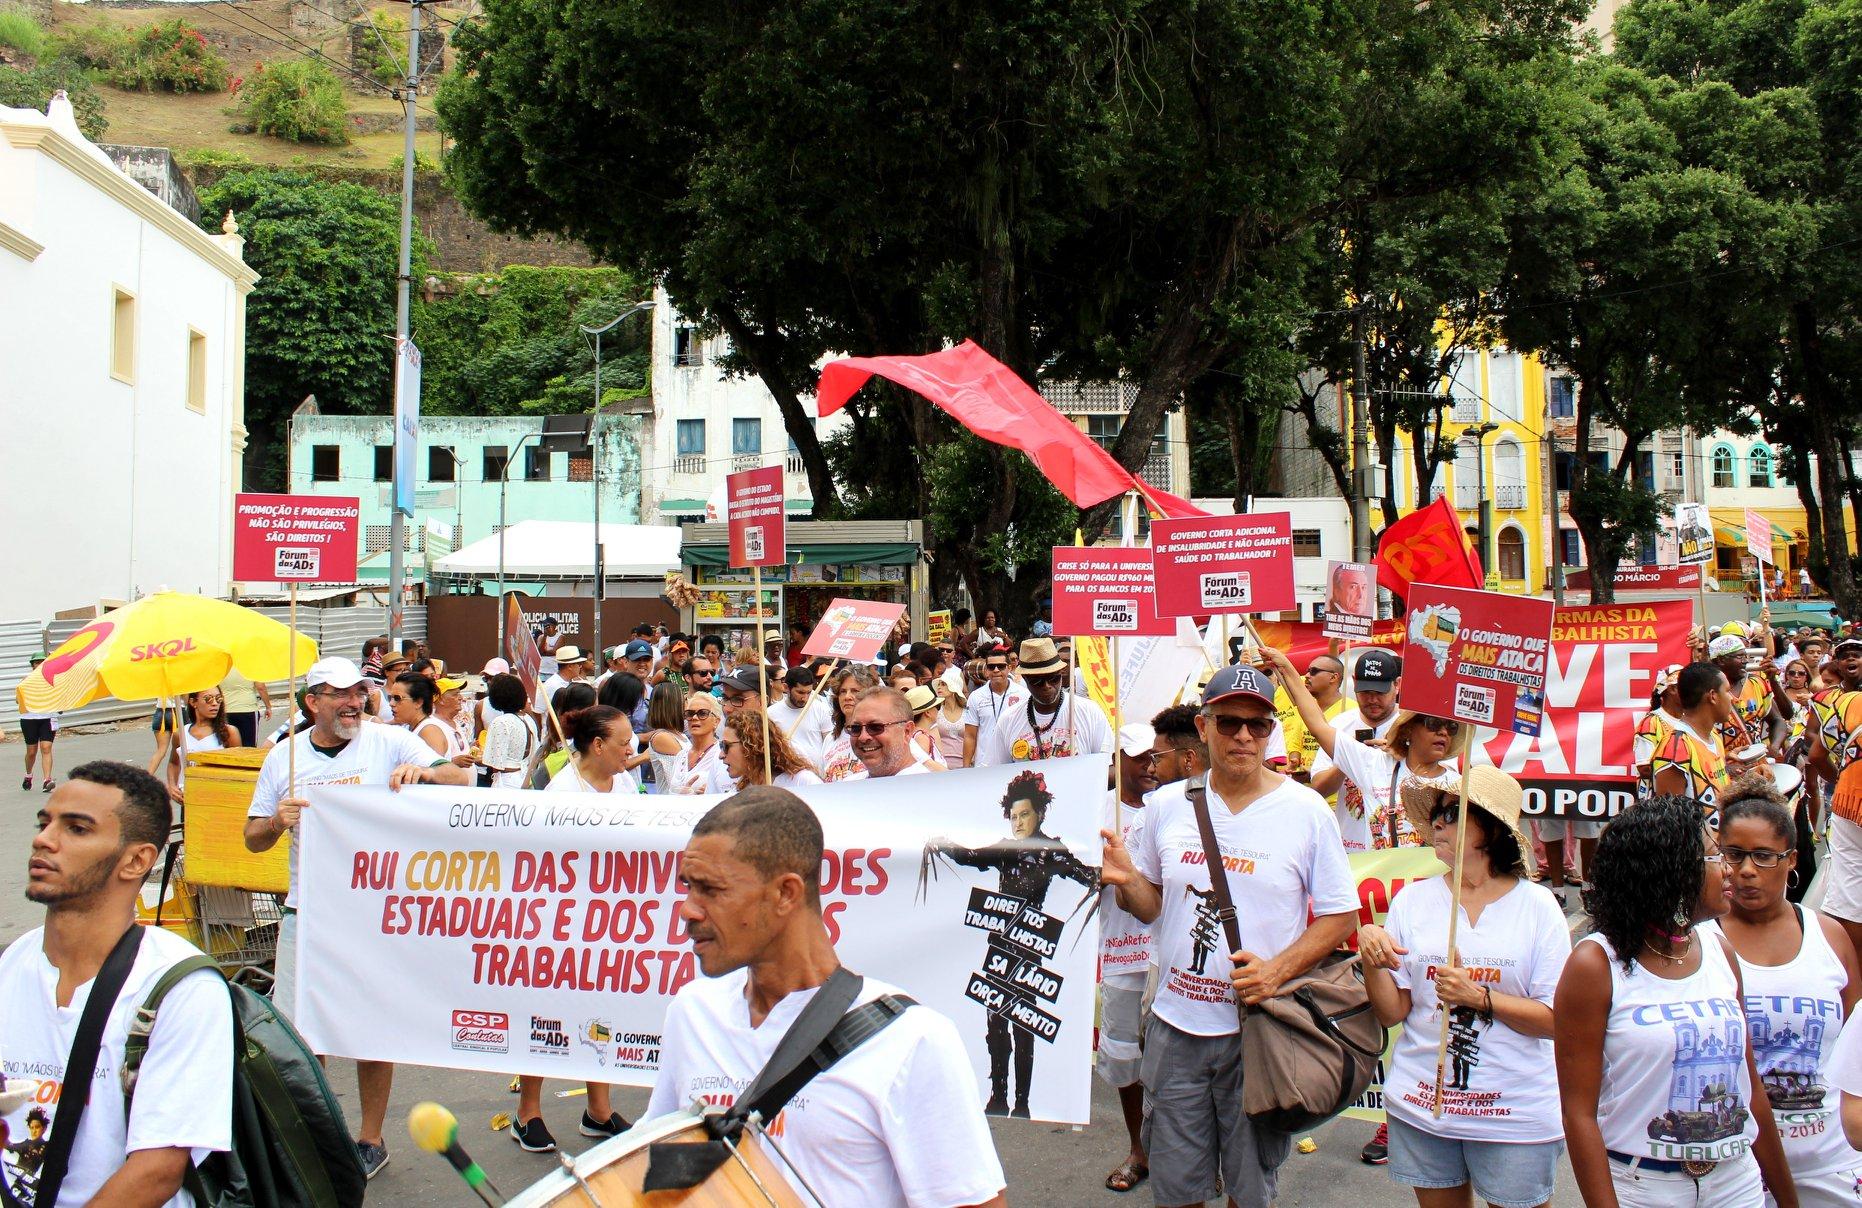 ICMS cresce na Bahia, mas 188 professores da Uesb continuam com direitos desrespeitados